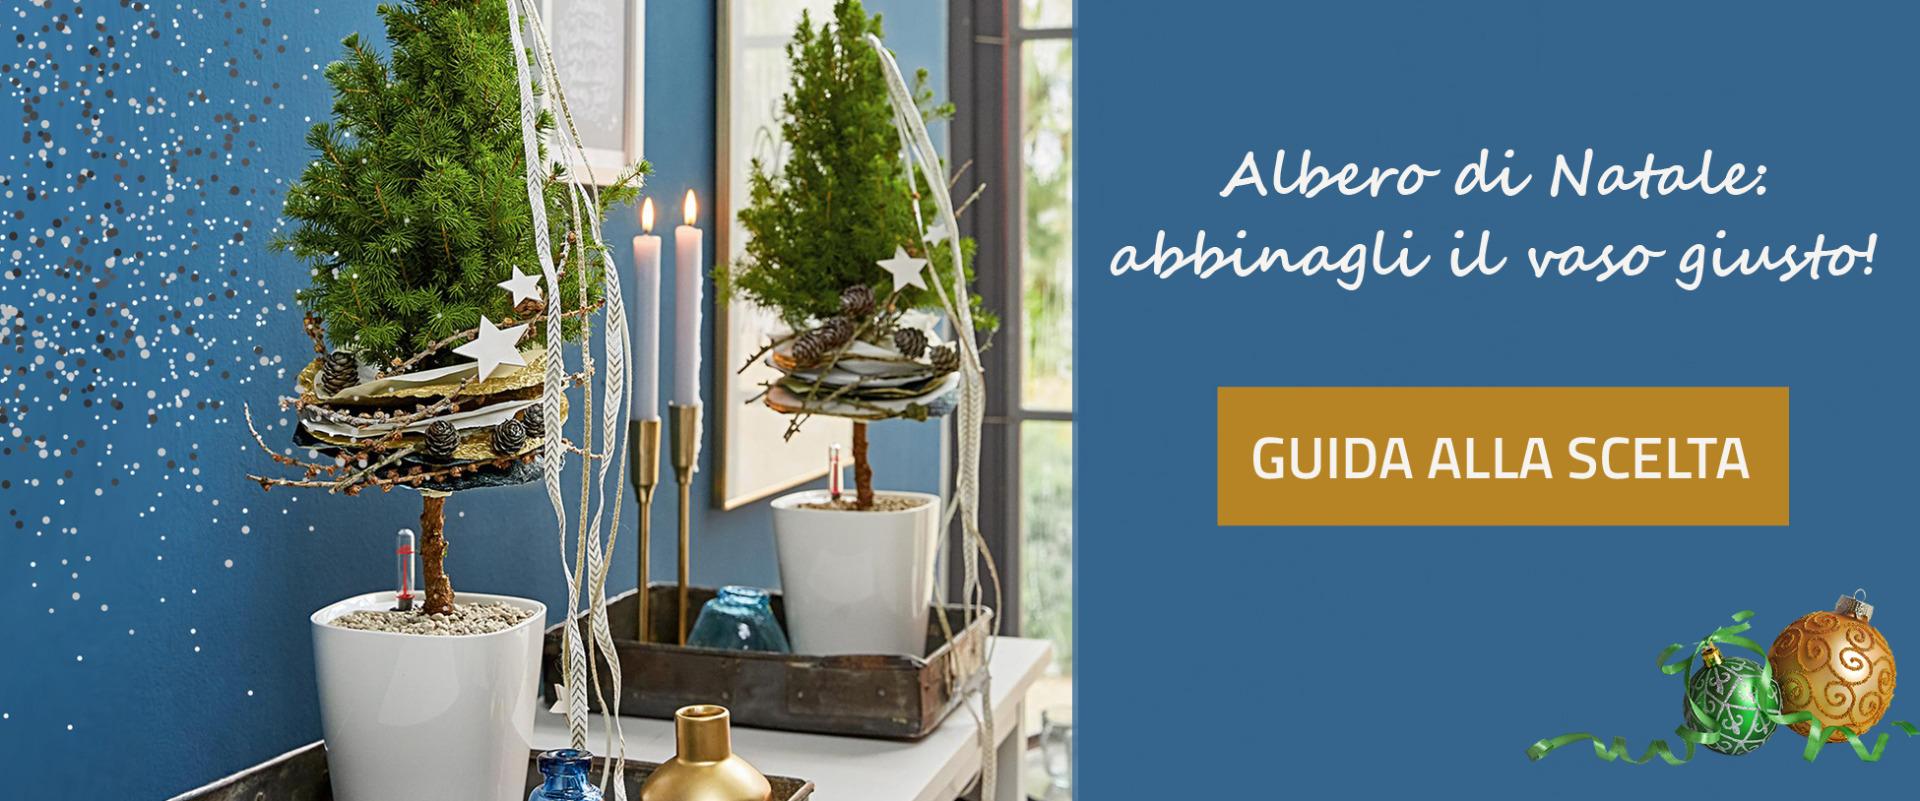 Scegli il Vaso per il tuo Albero di Natale